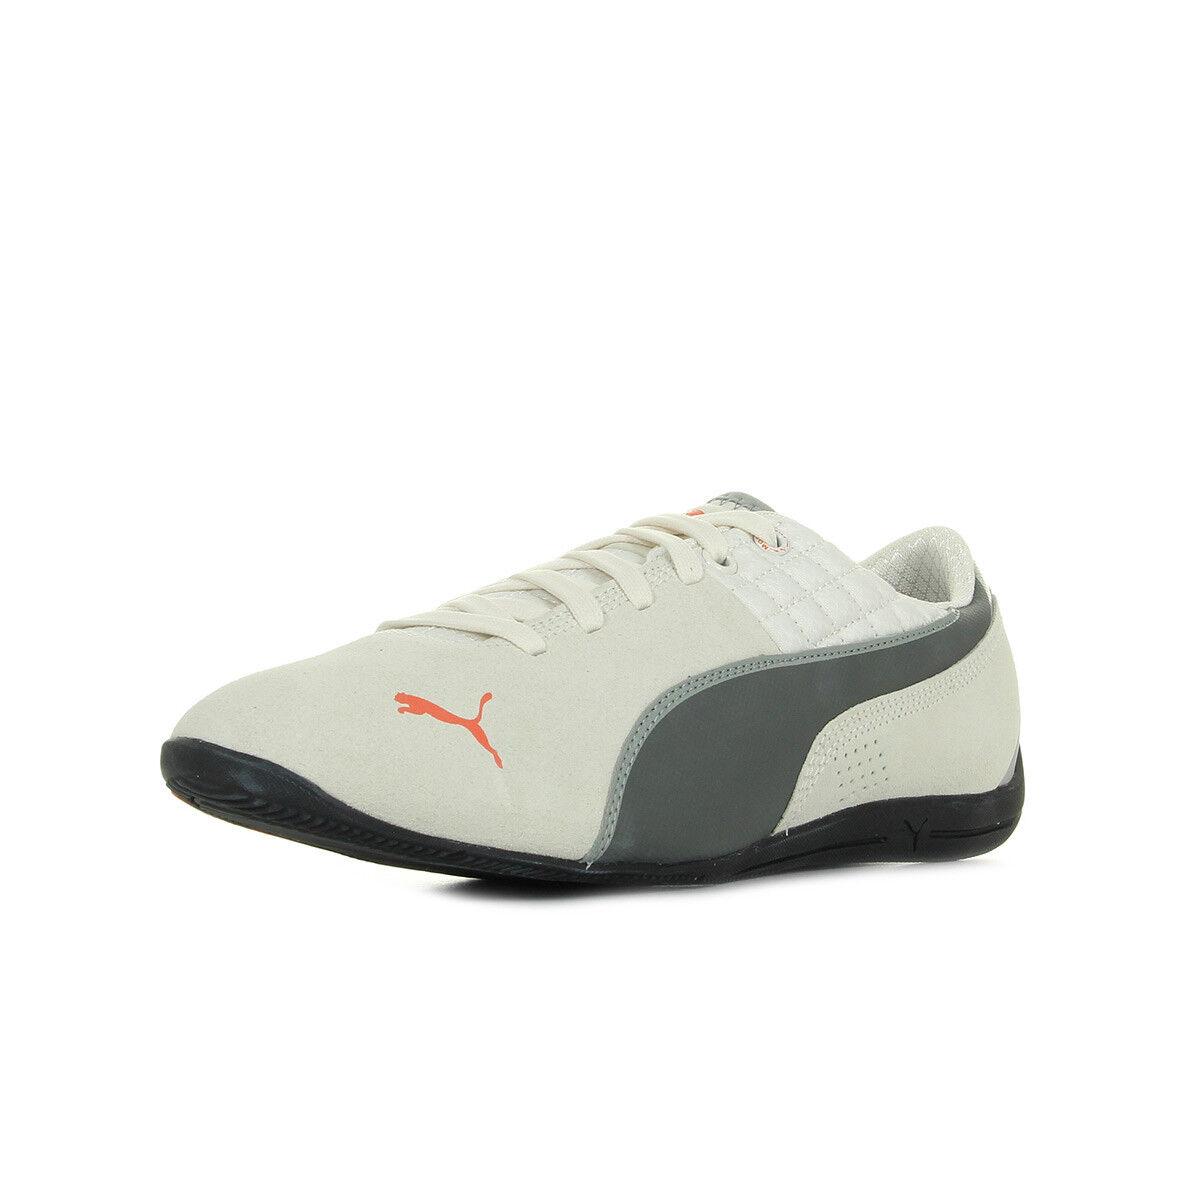 Schuhe Puma Herren Drift Cat 6 Suede Beige